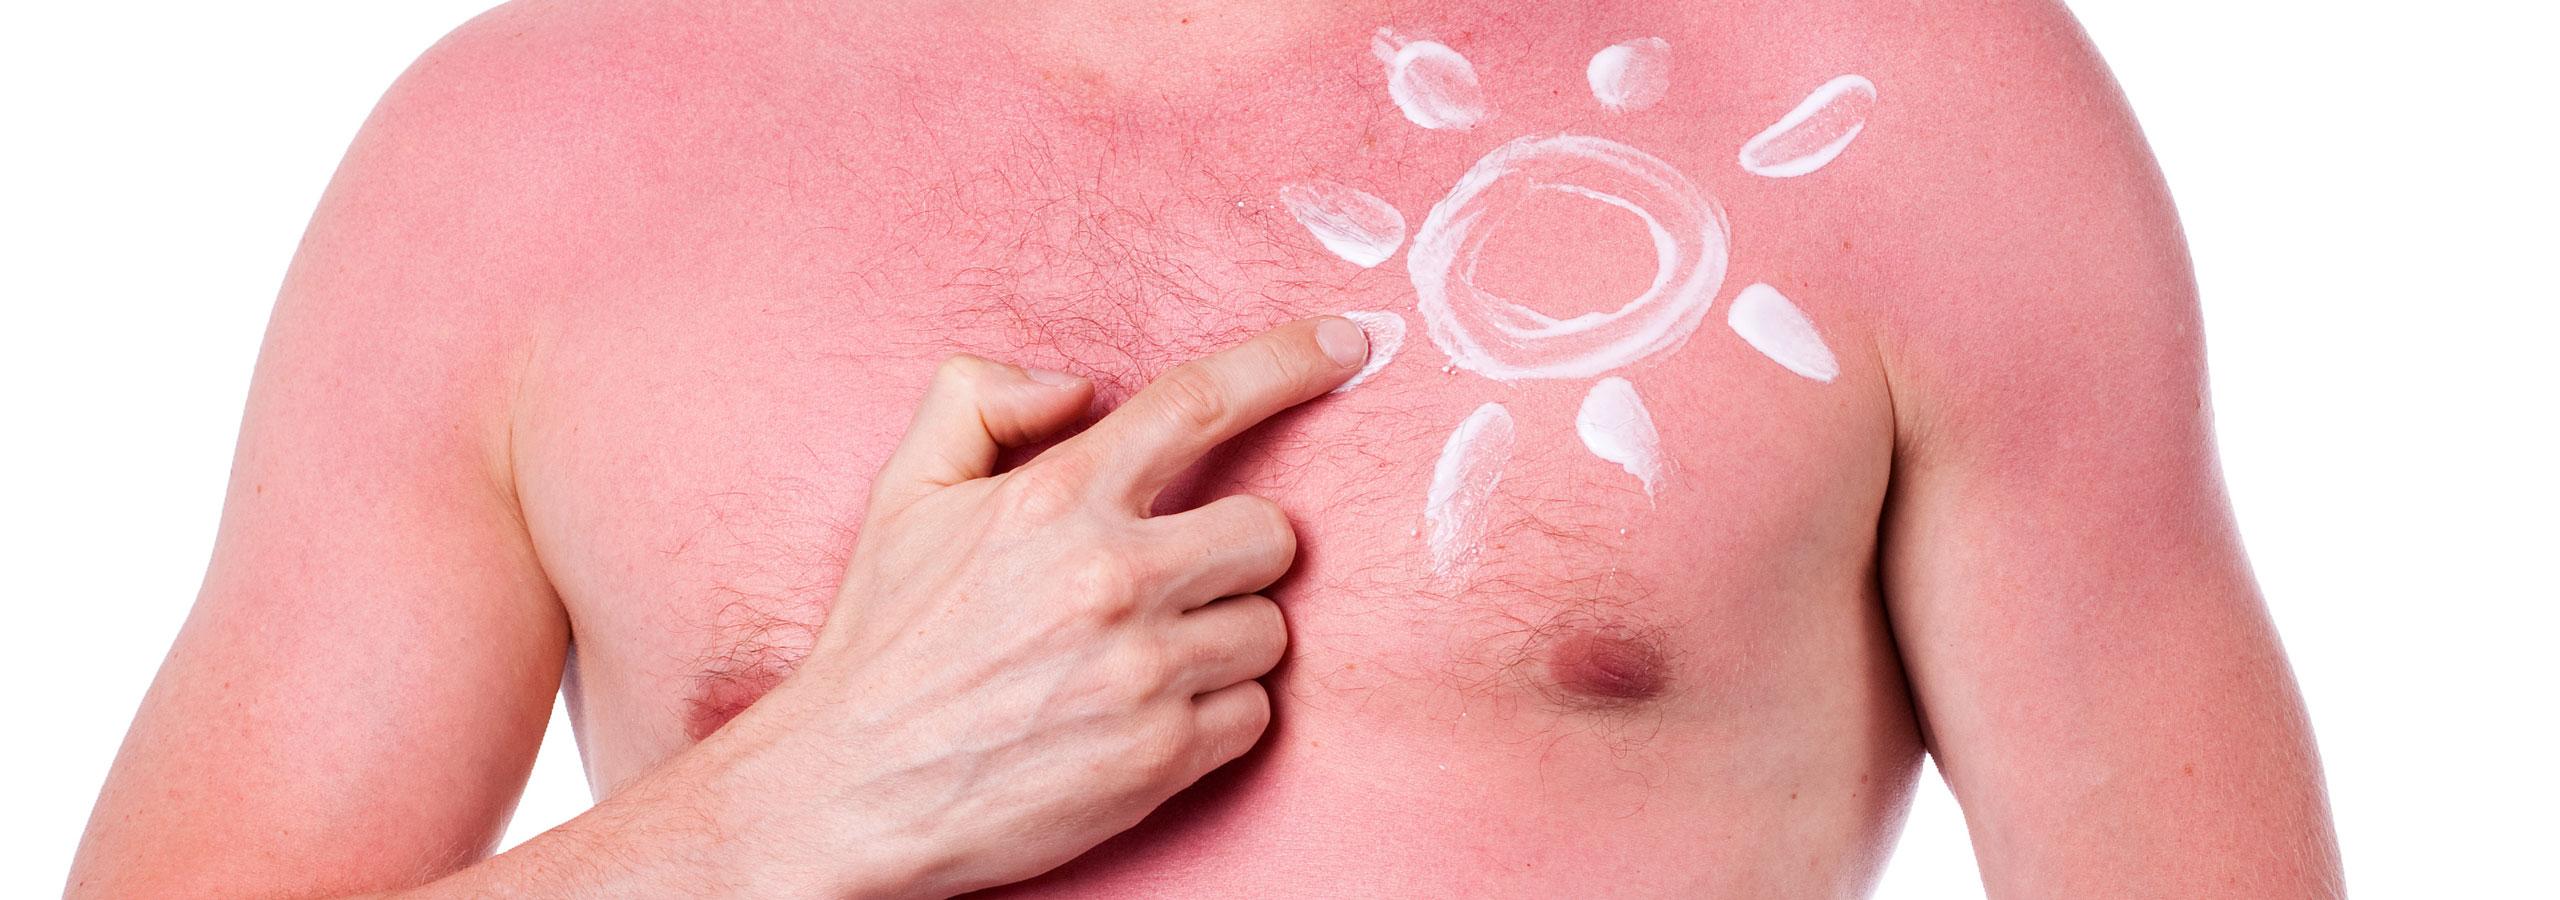 Sonnenbrand auf dem Oberkörper eines Mannes.